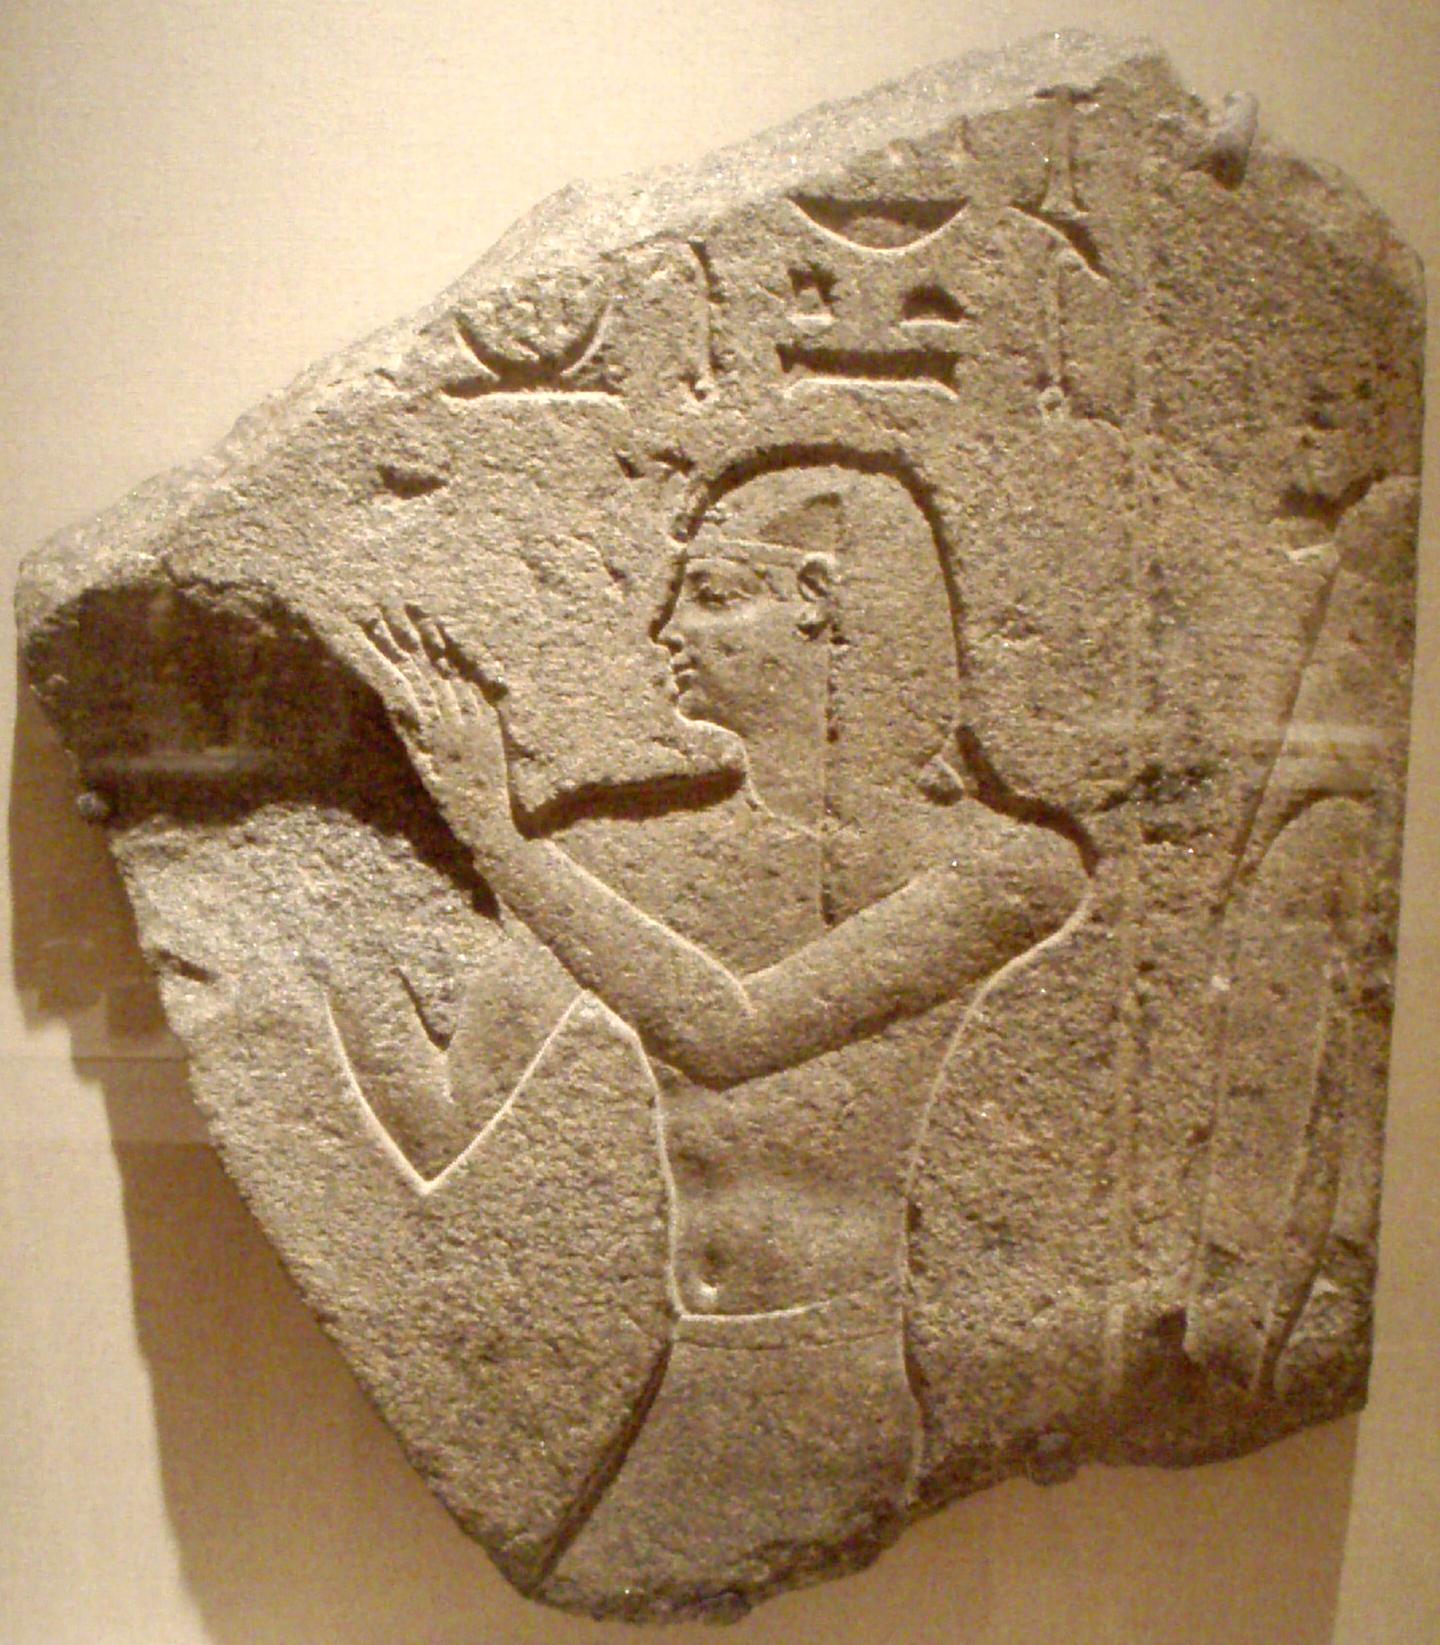 Ο Πτολεμαίος Β΄, εικόνα χαραγμένη σε κόκκινο γρανίτη, μουσείο Μπρούκλιν.